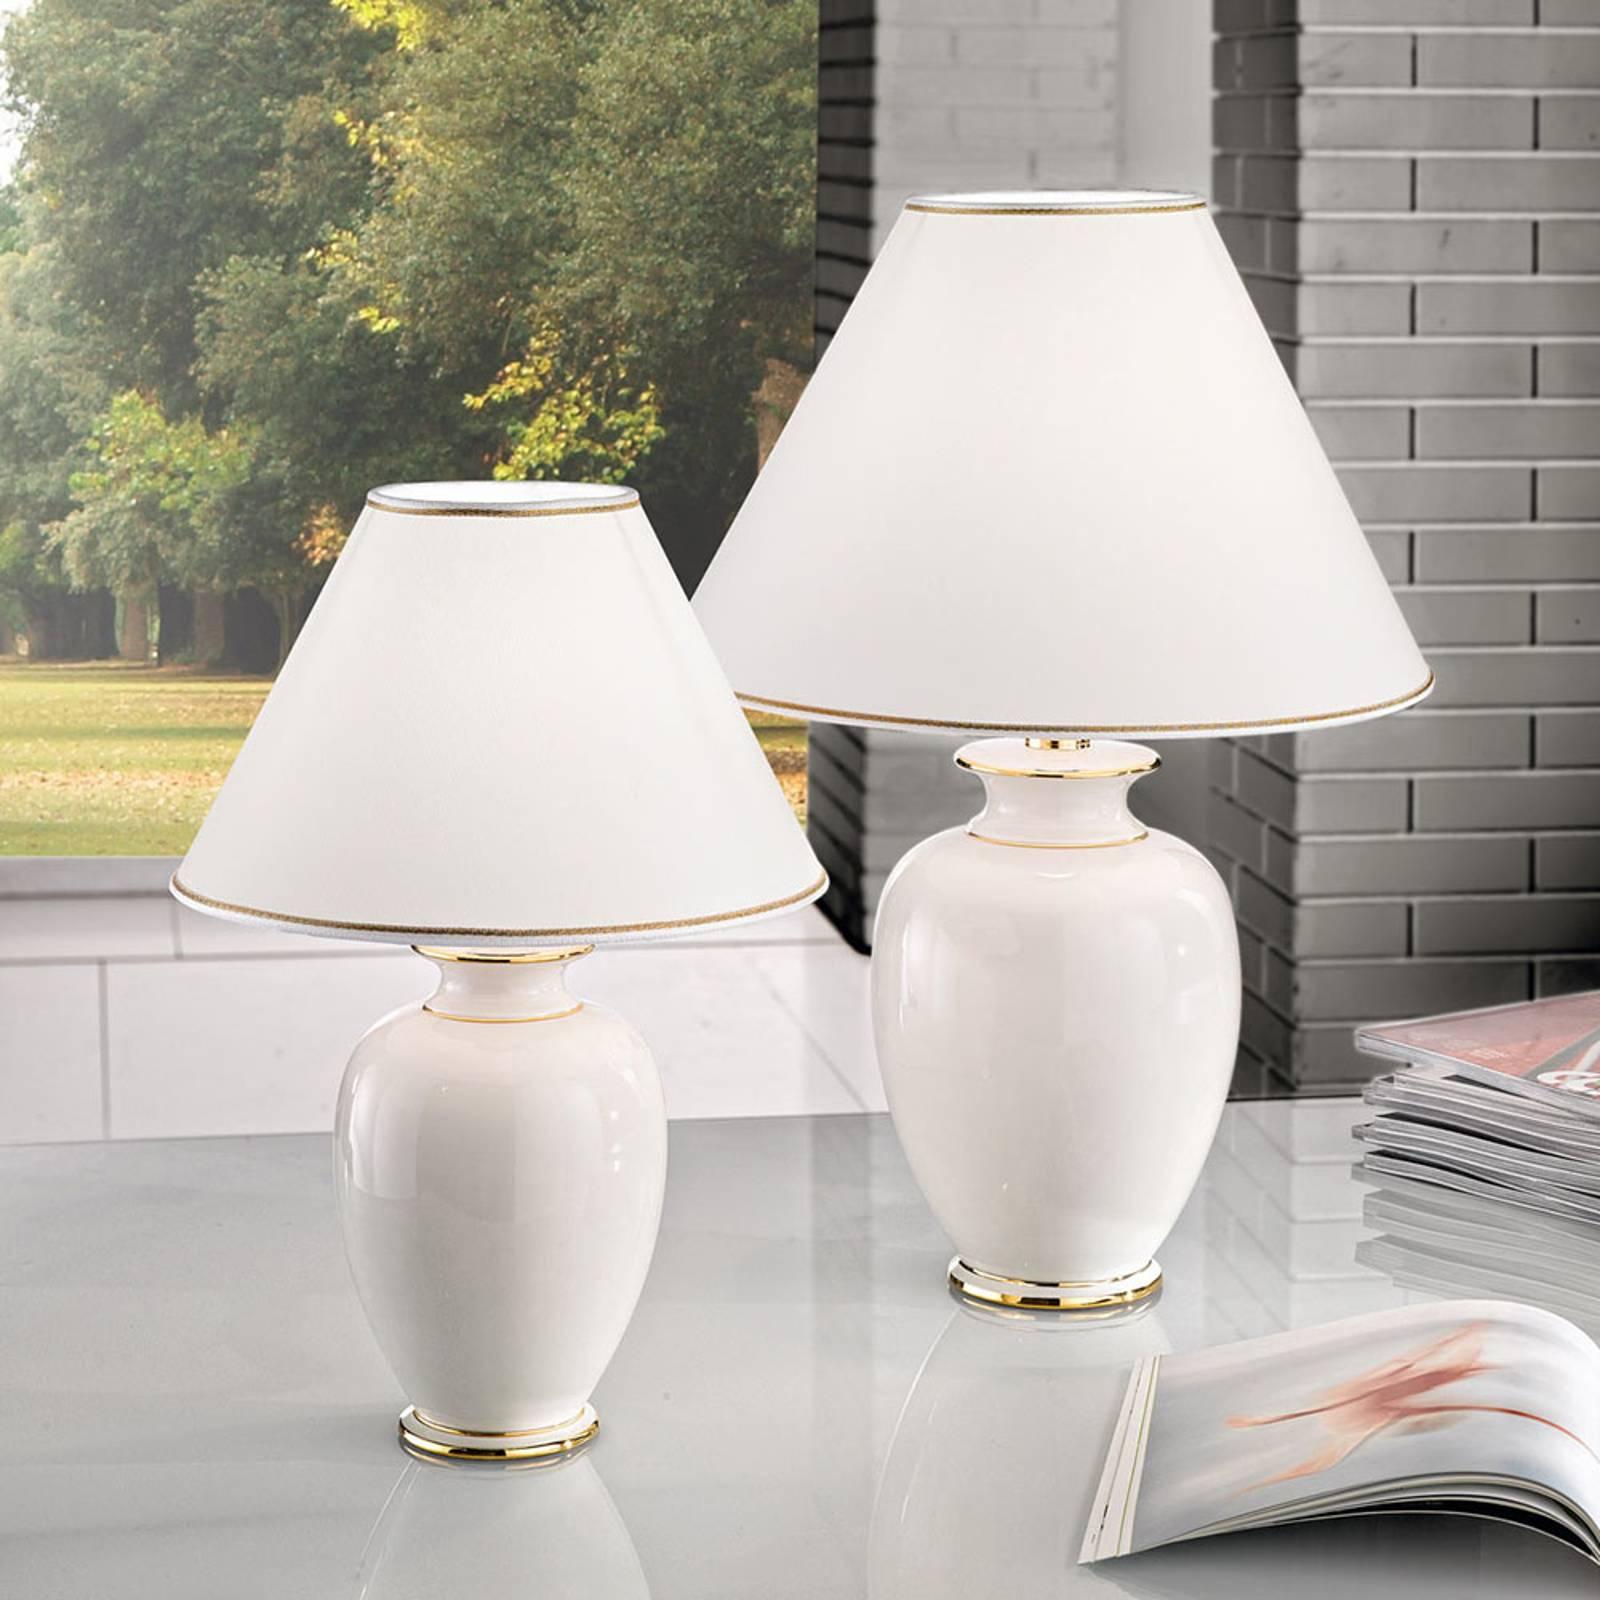 Pöytälamppu Giardino Avorio valkoinen-kulta Ø30cm